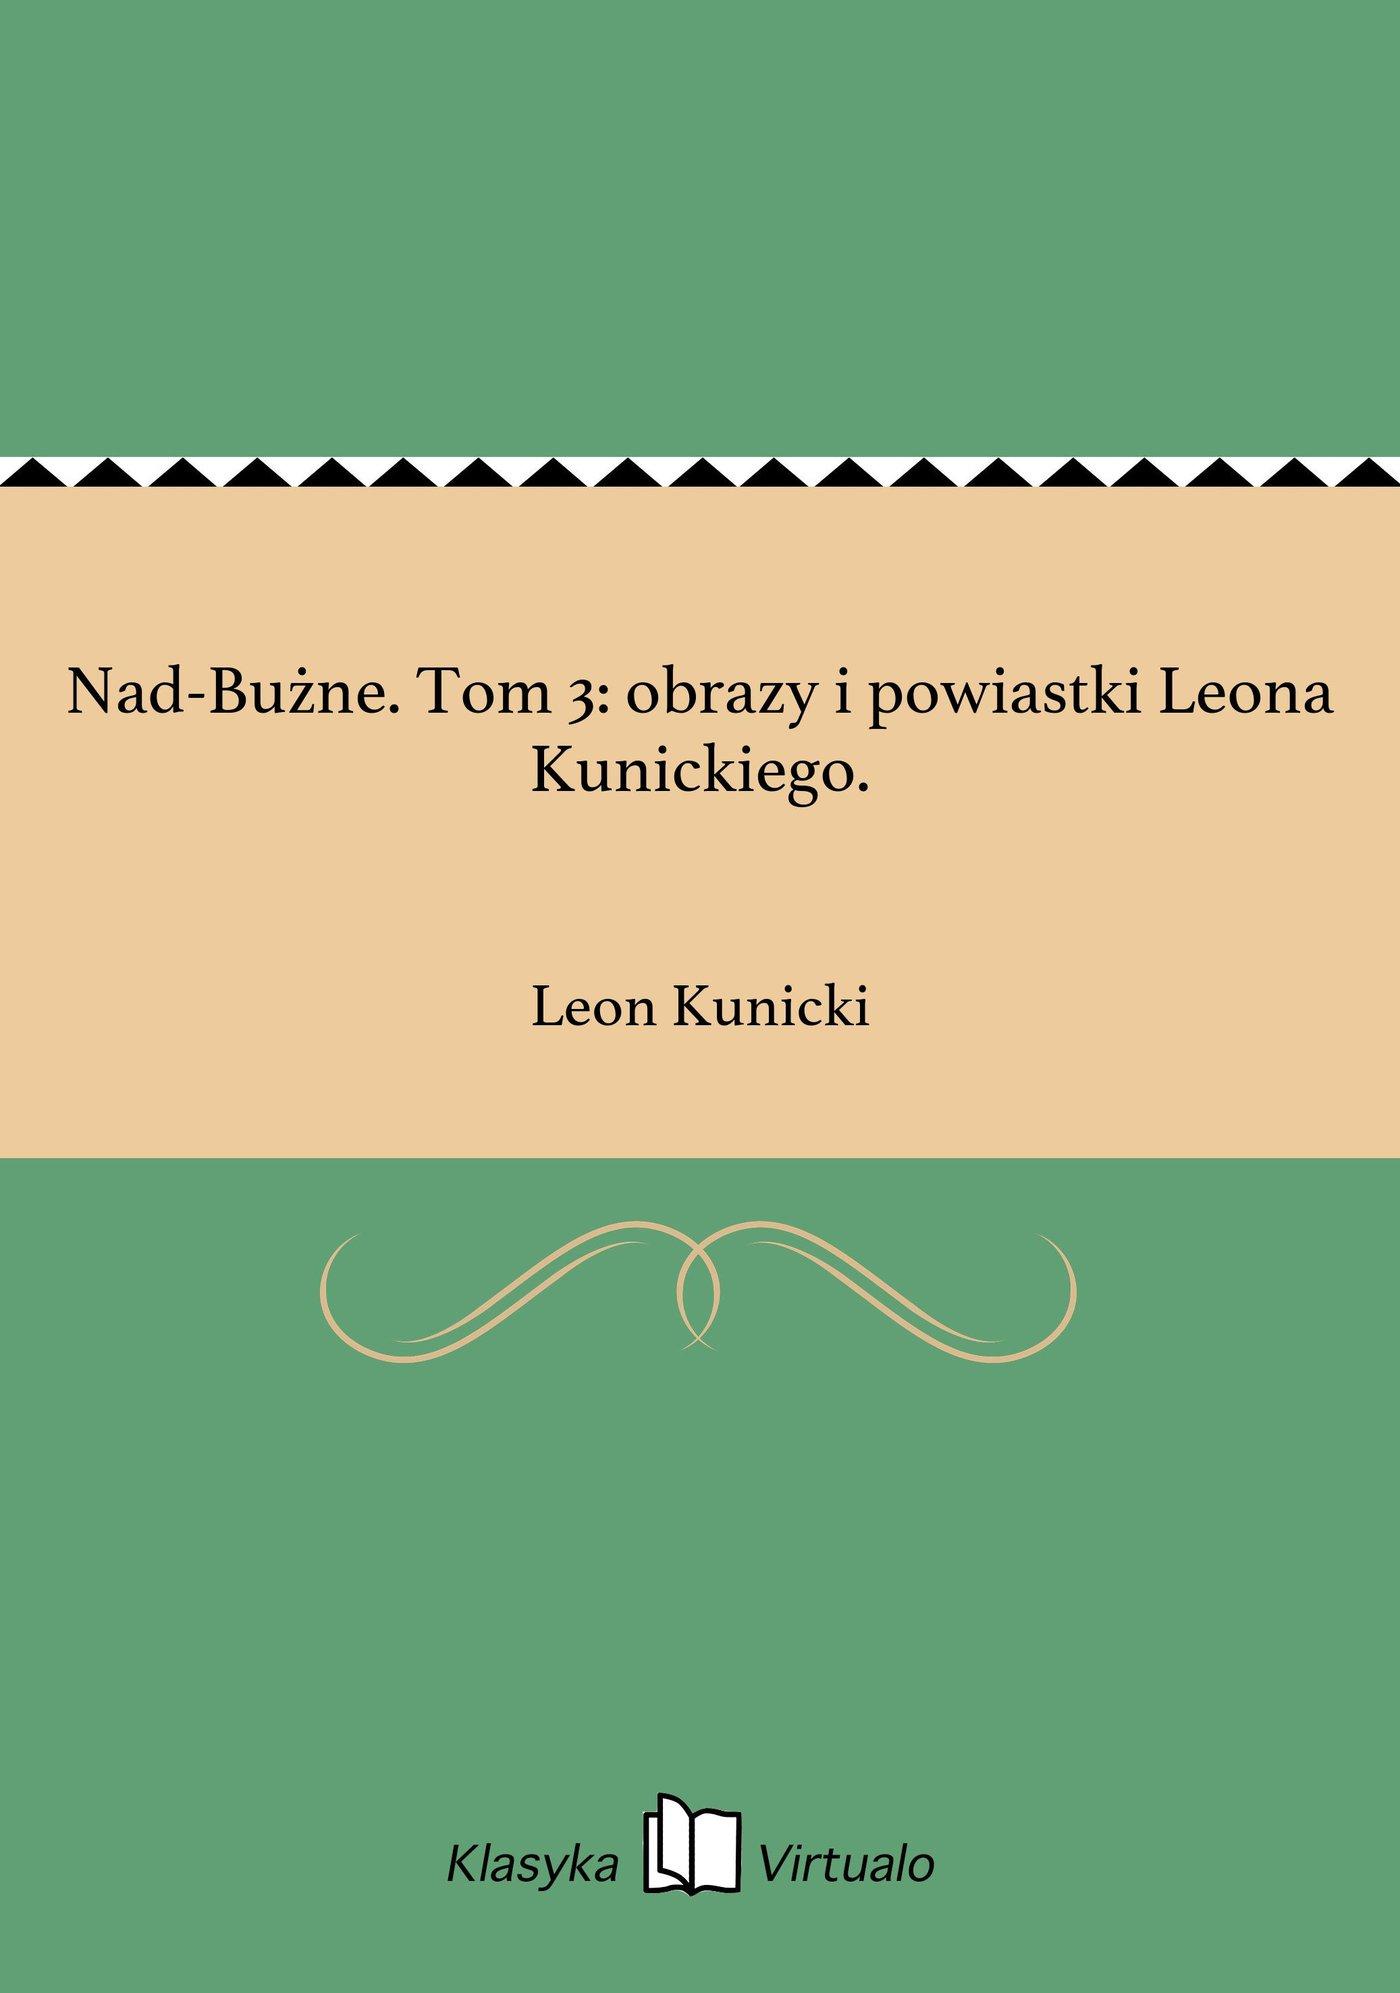 Nad-Bużne. Tom 3: obrazy i powiastki Leona Kunickiego. - Ebook (Książka EPUB) do pobrania w formacie EPUB